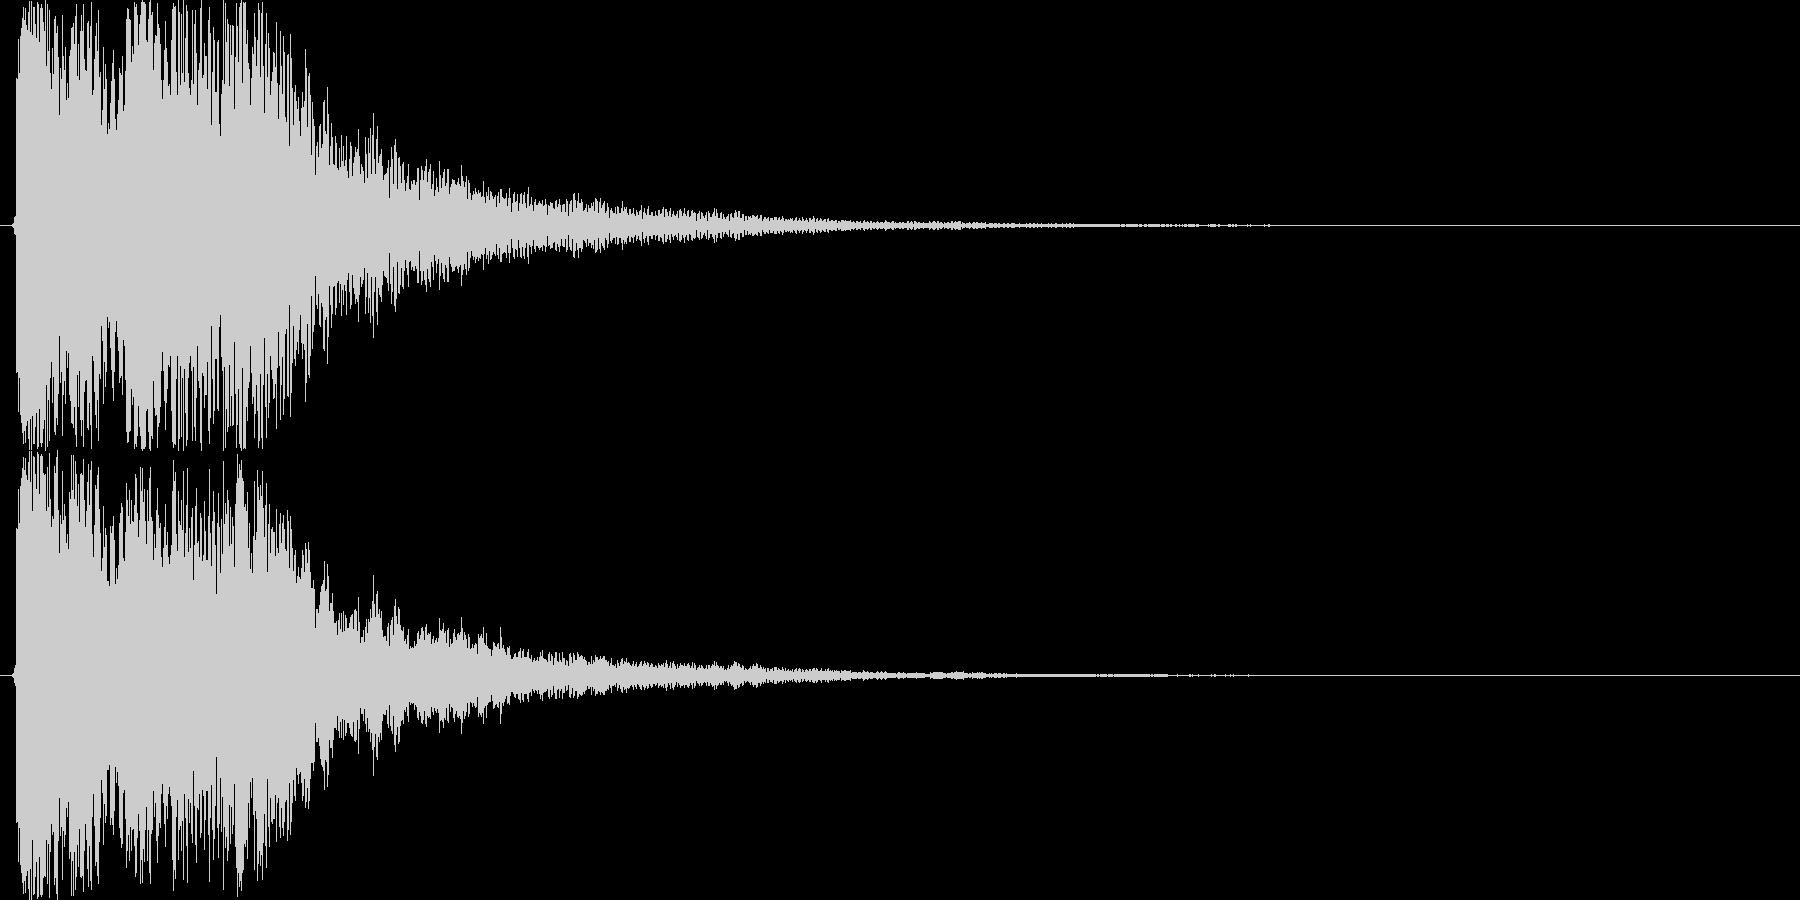 お正月・和風イメージボタン音(下降)の未再生の波形